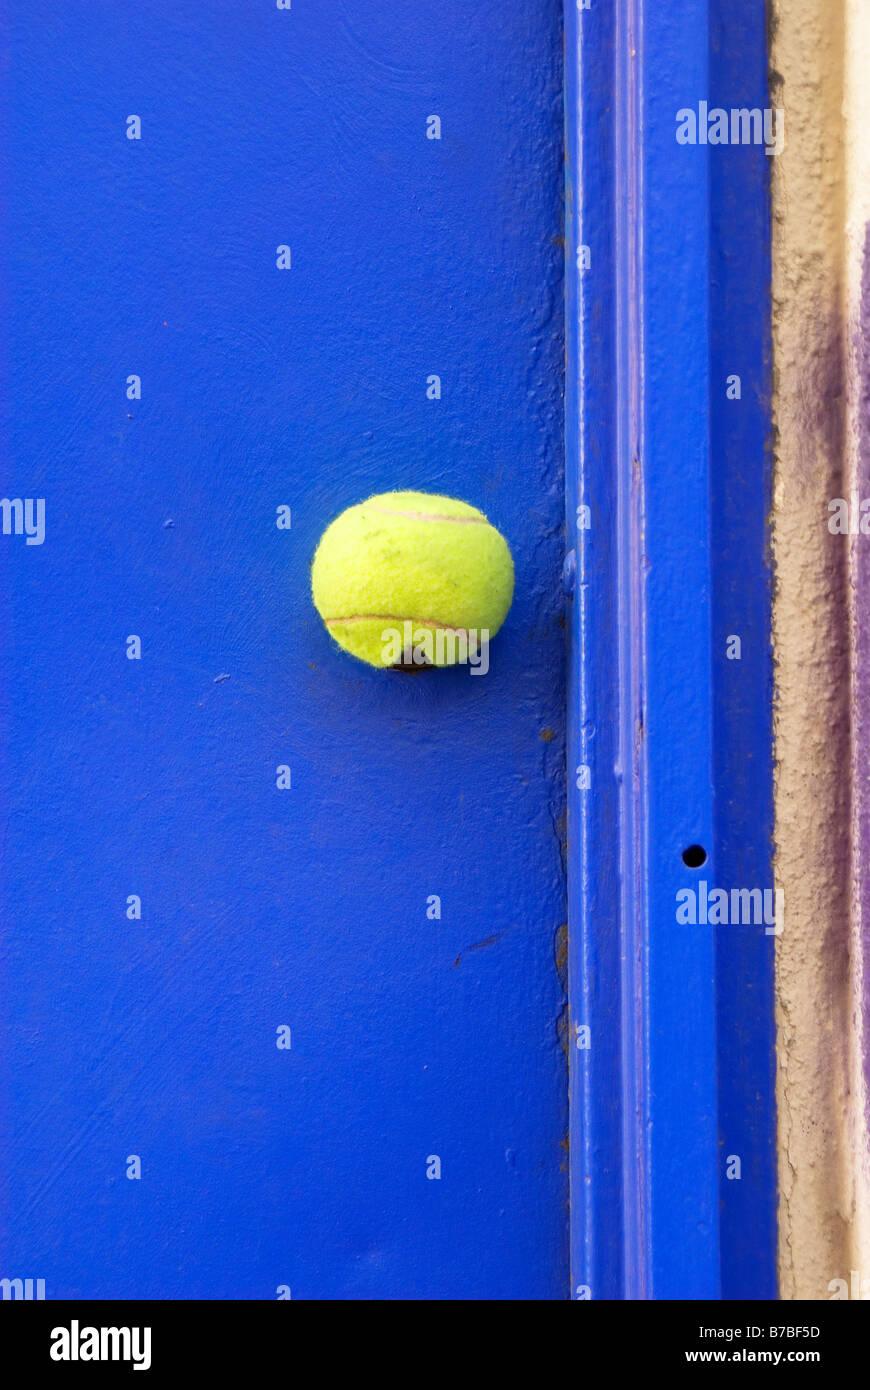 A tennis ball covers the door knob of a blue door Photo taken in ...